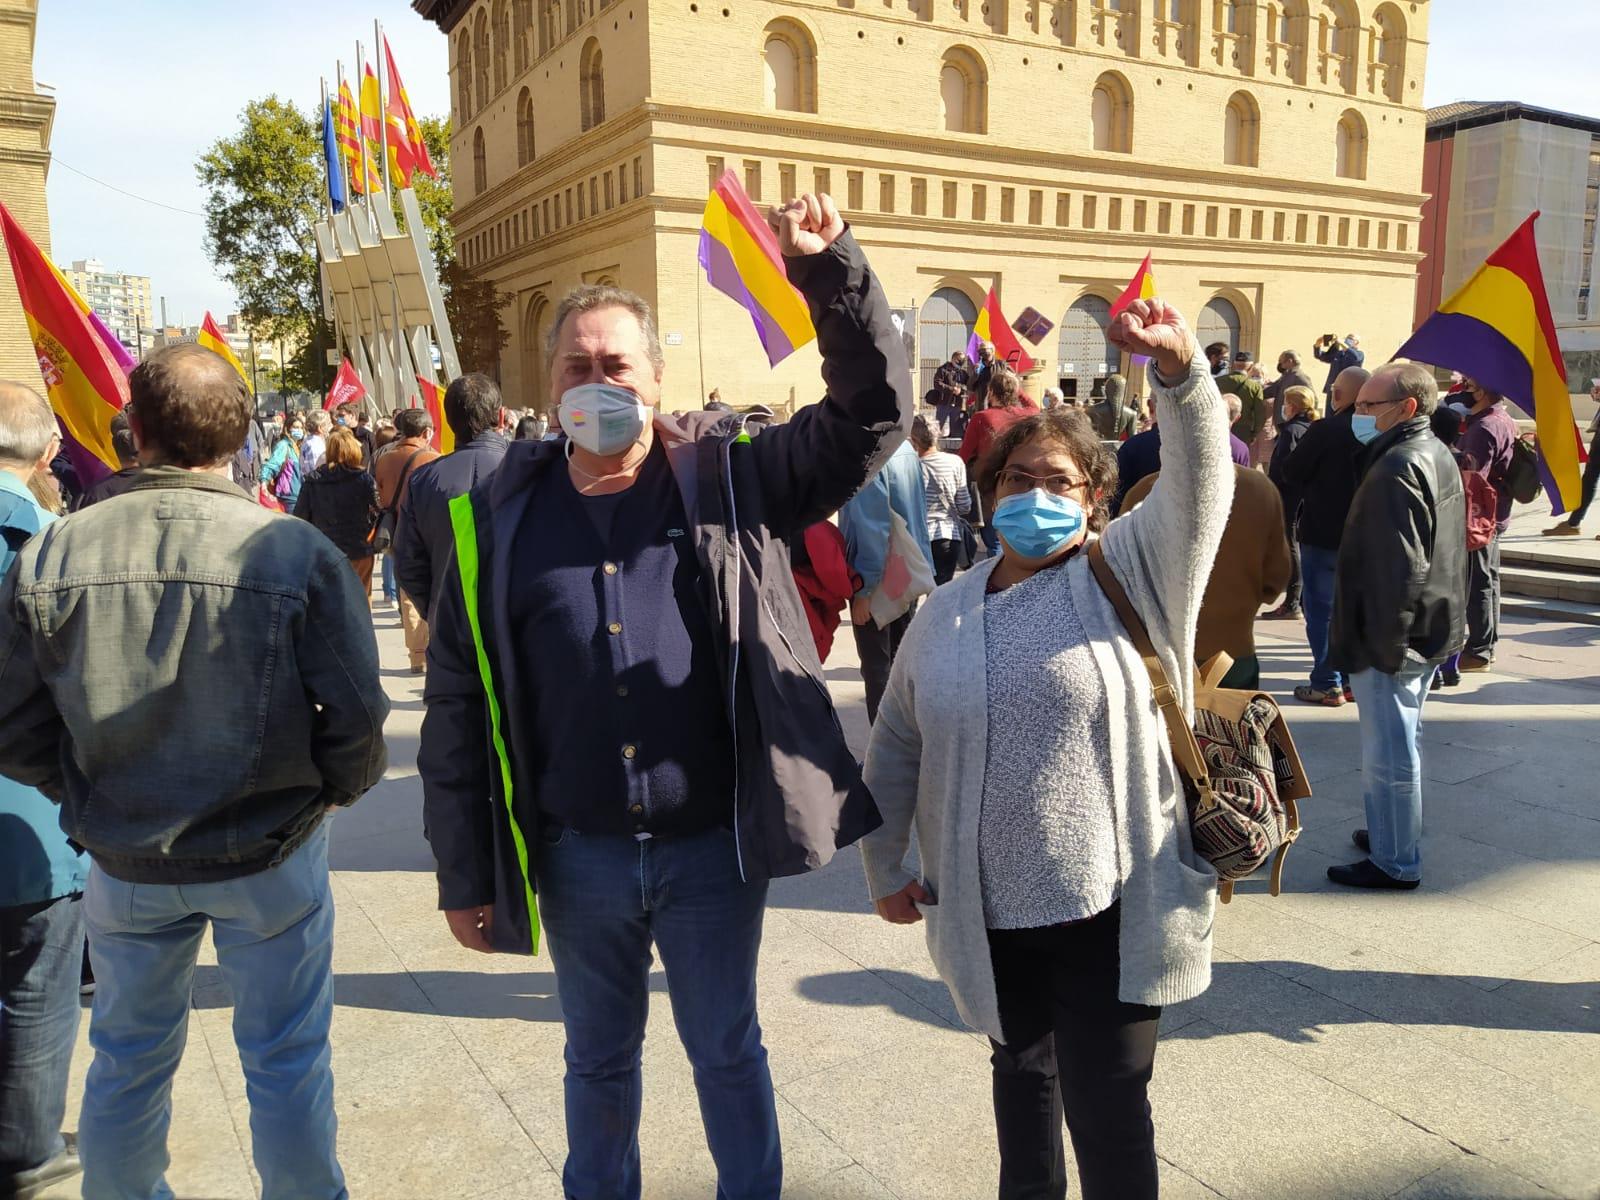 Fotos y videos, Zaragoza,18 de Octubre. ¡¡Por una República Popular!!